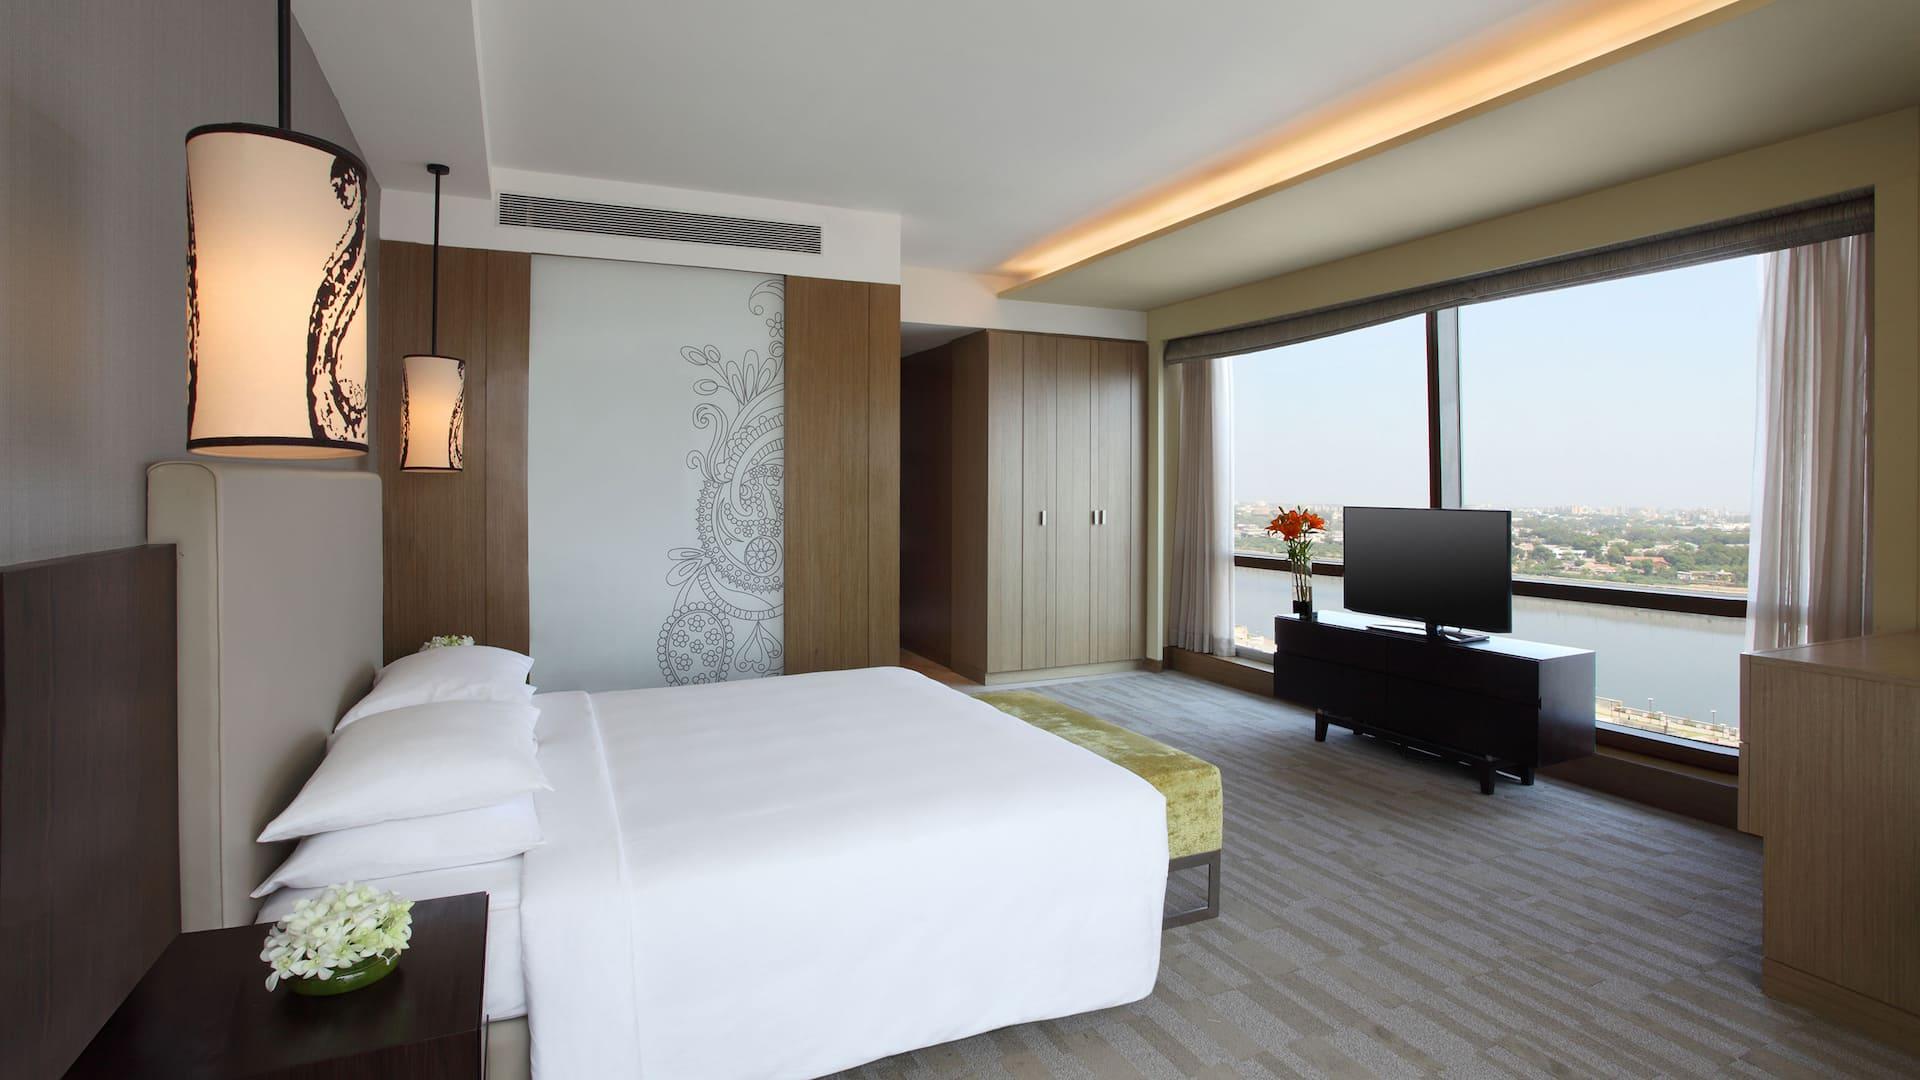 Luxury 5 Star Hotel in Ahmedabad - Hyatt Regency Ahmedabad